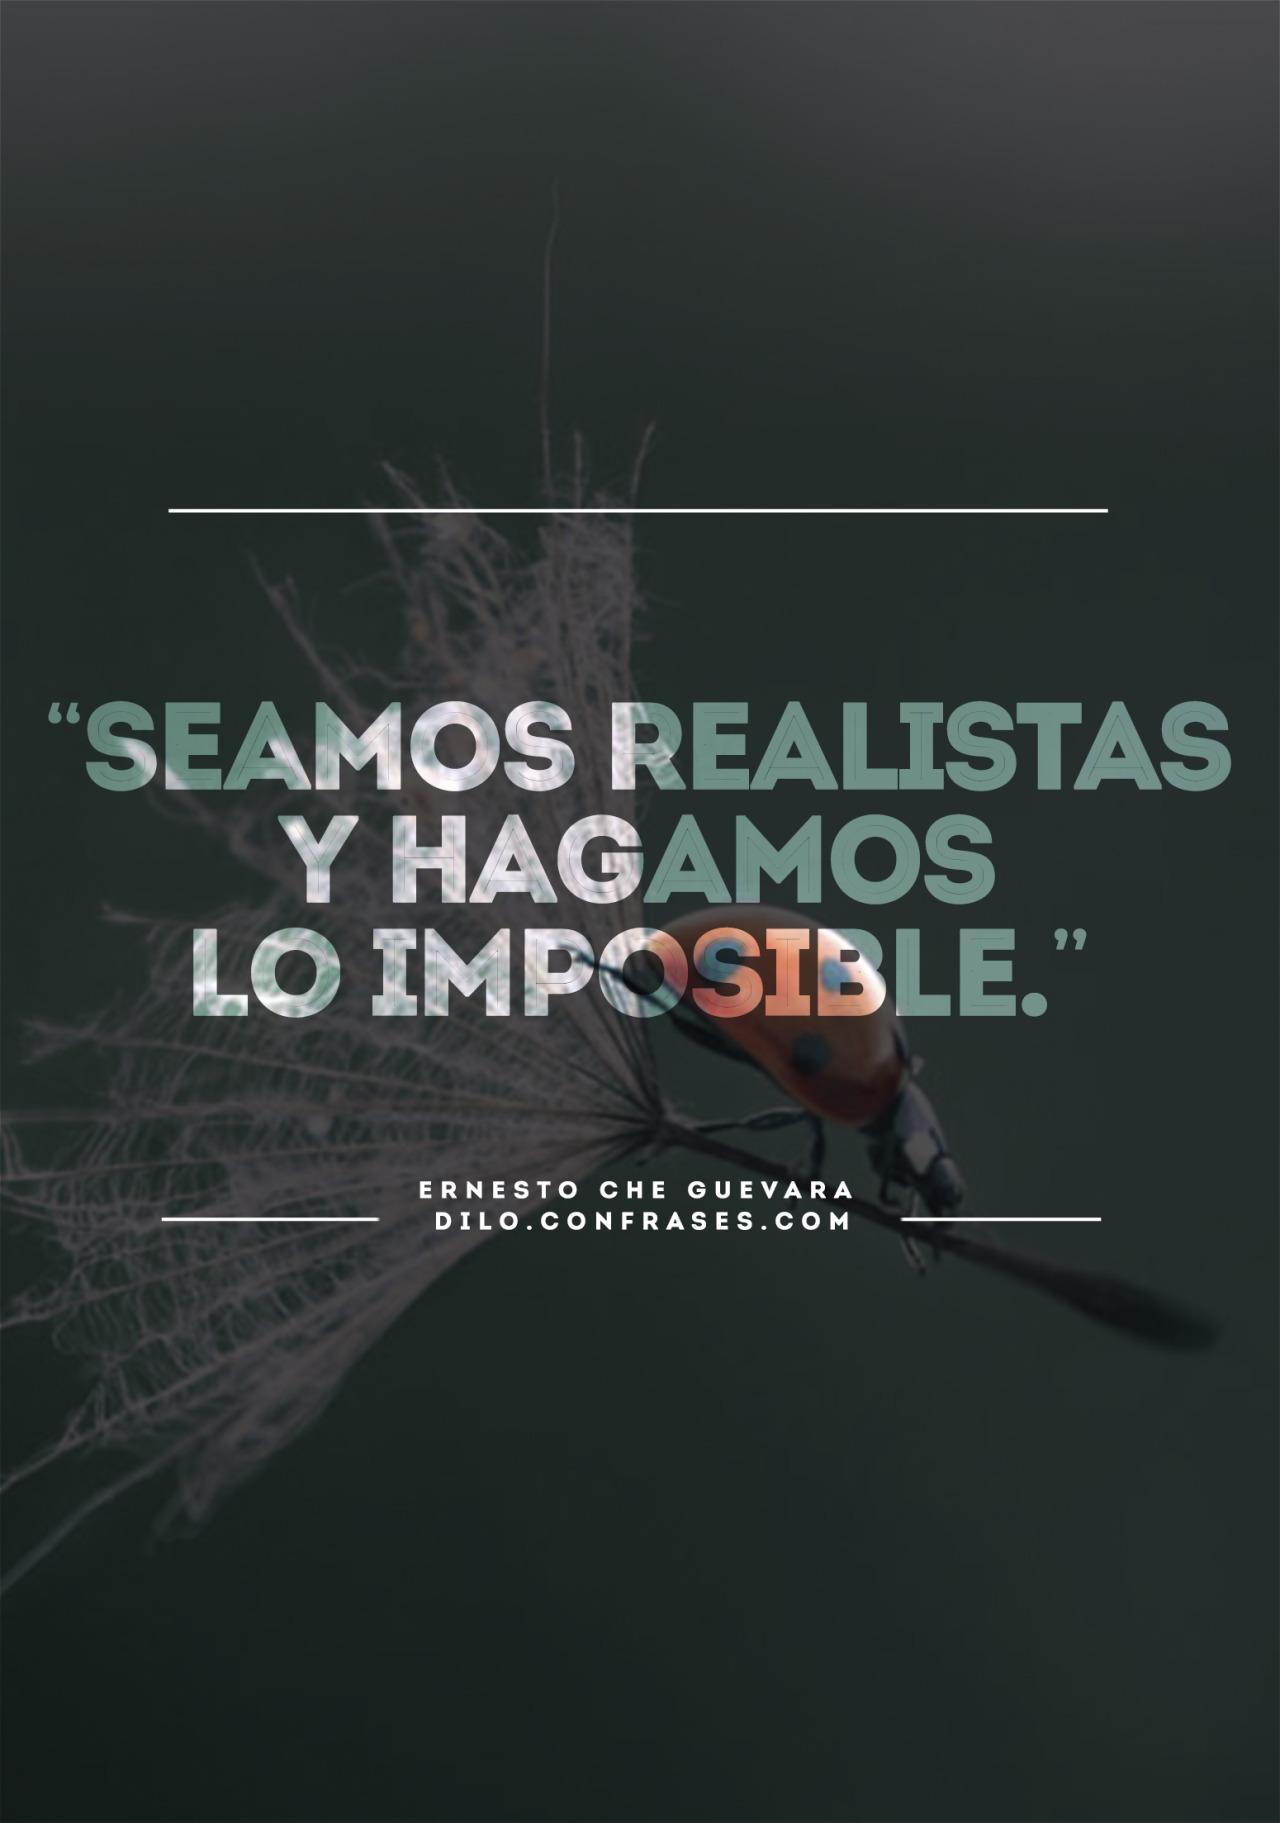 Frases De Realista 38 Frases Frases Realistas De La Vida Cortas